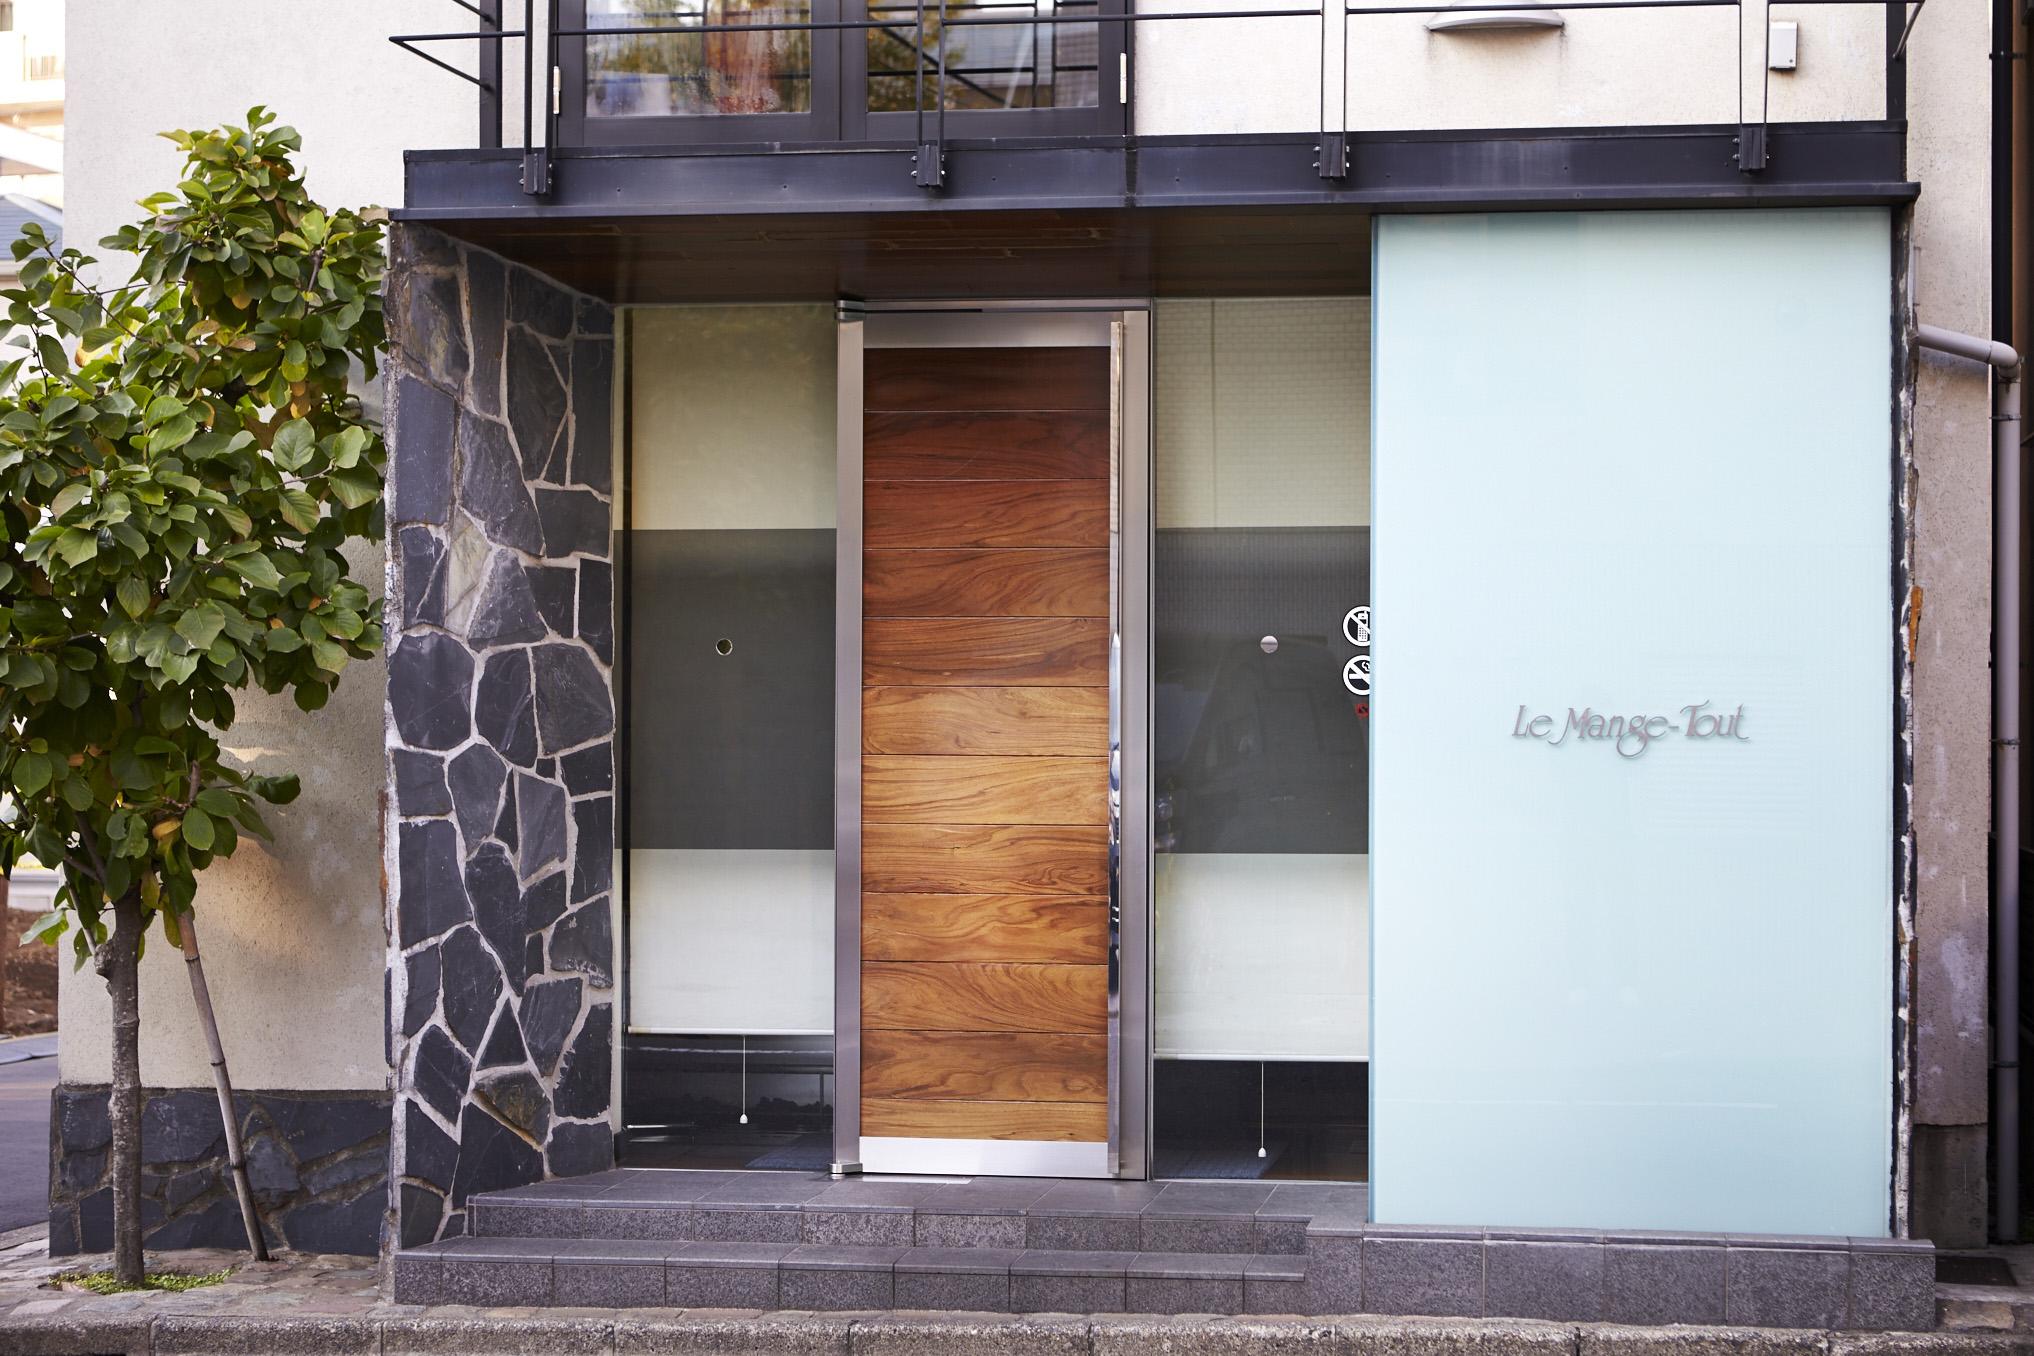 フランス料理界を牽引してきた谷昇シェフのレストラン【ル・マンジュ・トゥー】